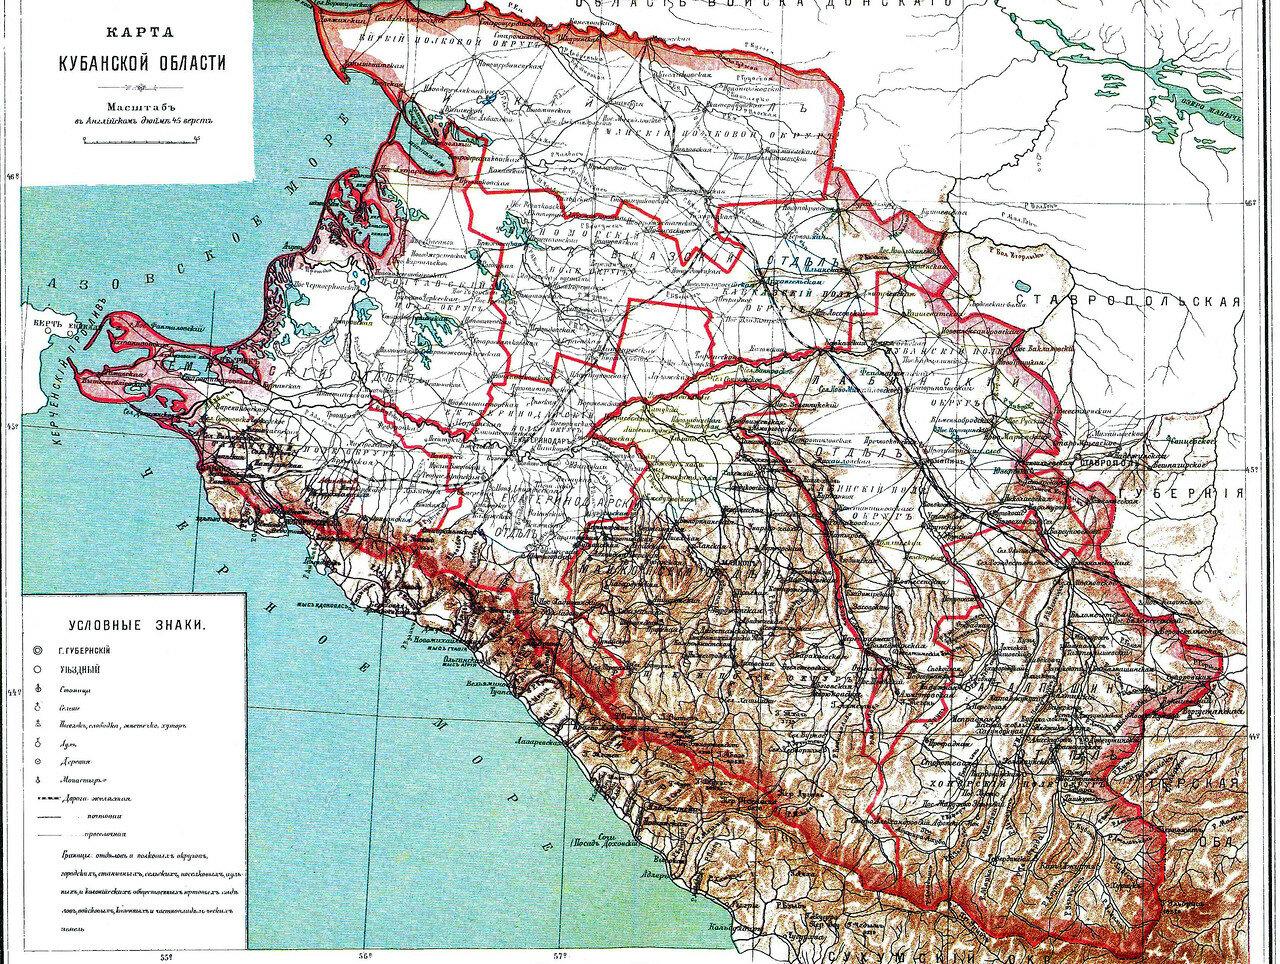 Кубанская область